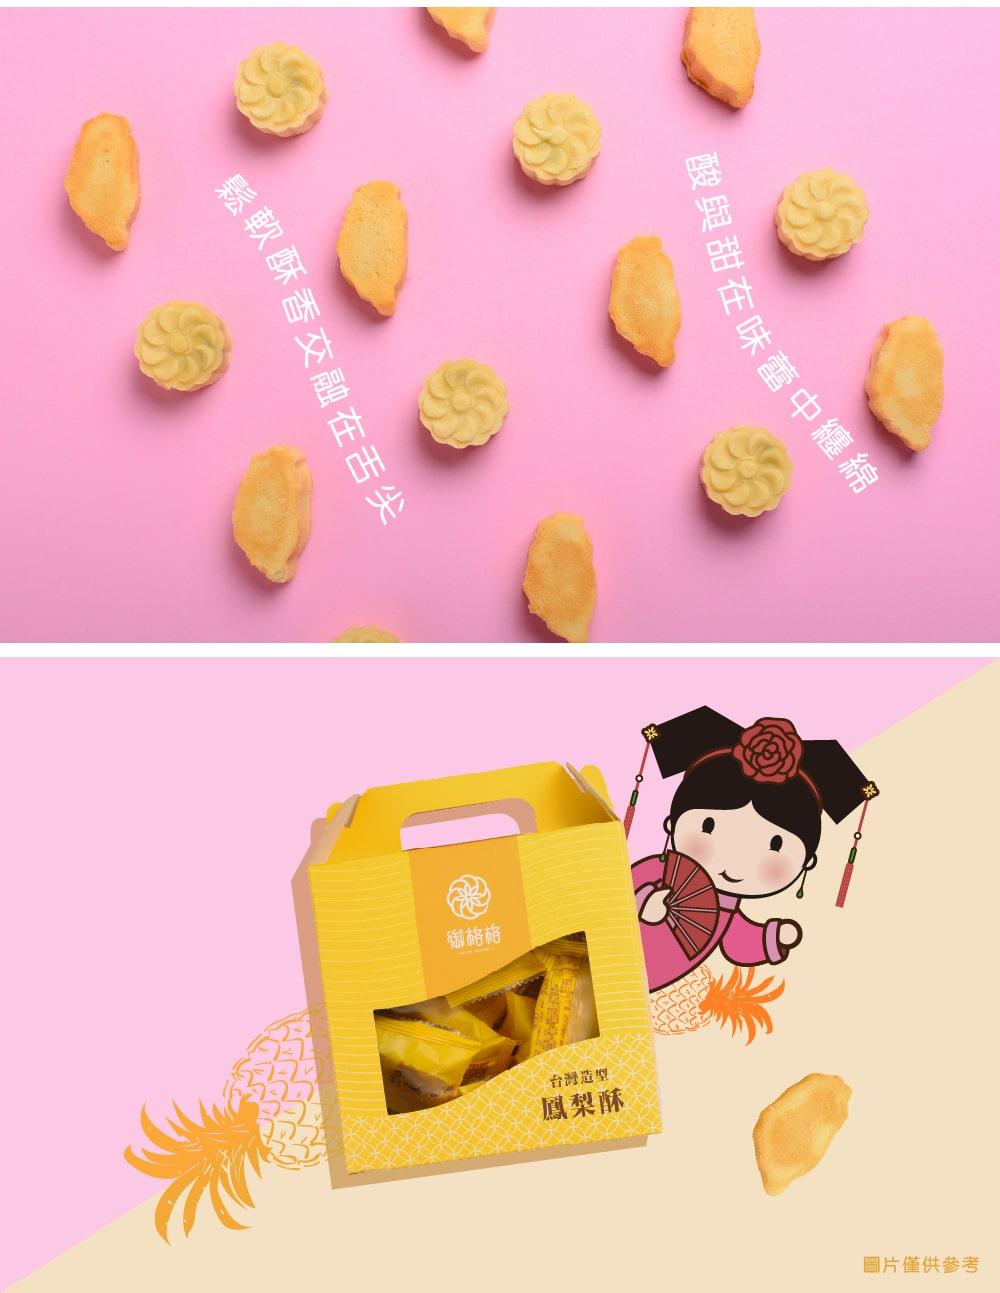 御格格-鳳梨酥-05-min